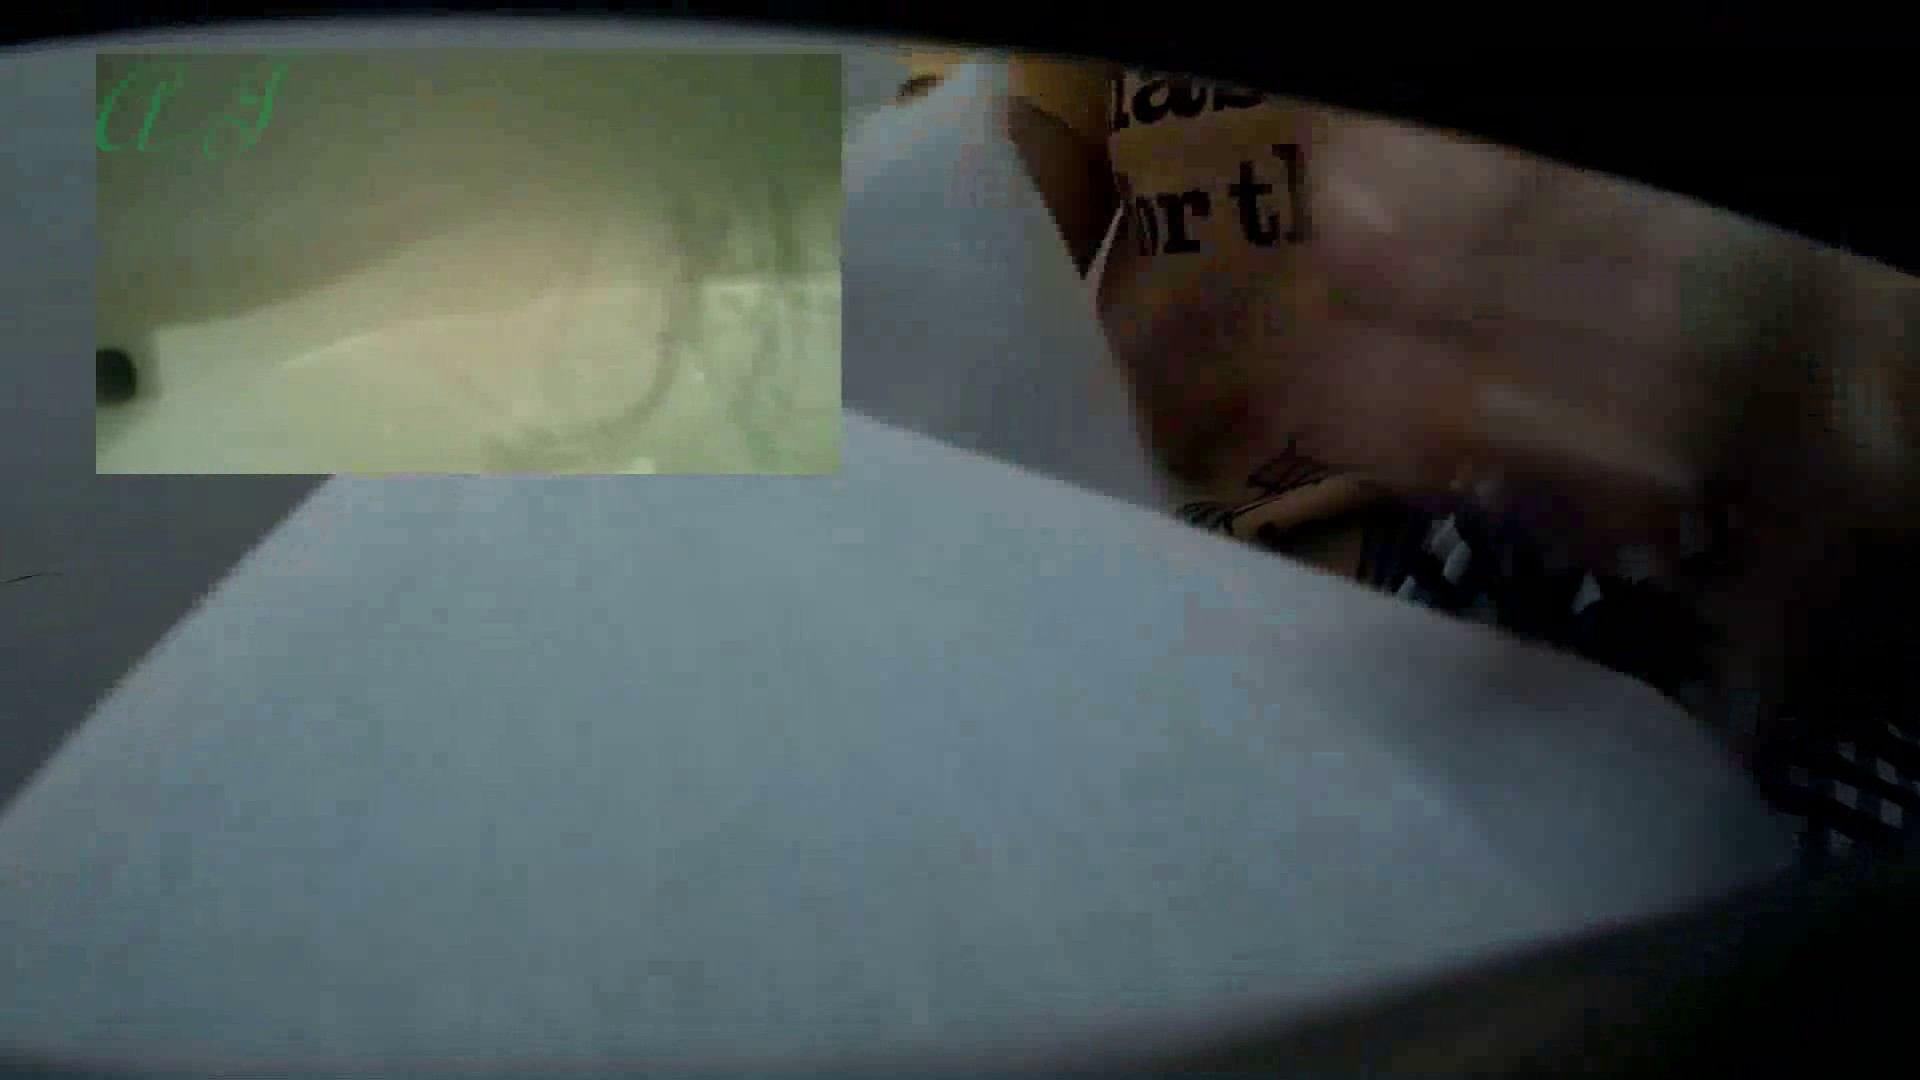 有名大学女性洗面所 vol.67トイレの女神さま♪ トイレ 盗撮われめAV動画紹介 108PICs 81